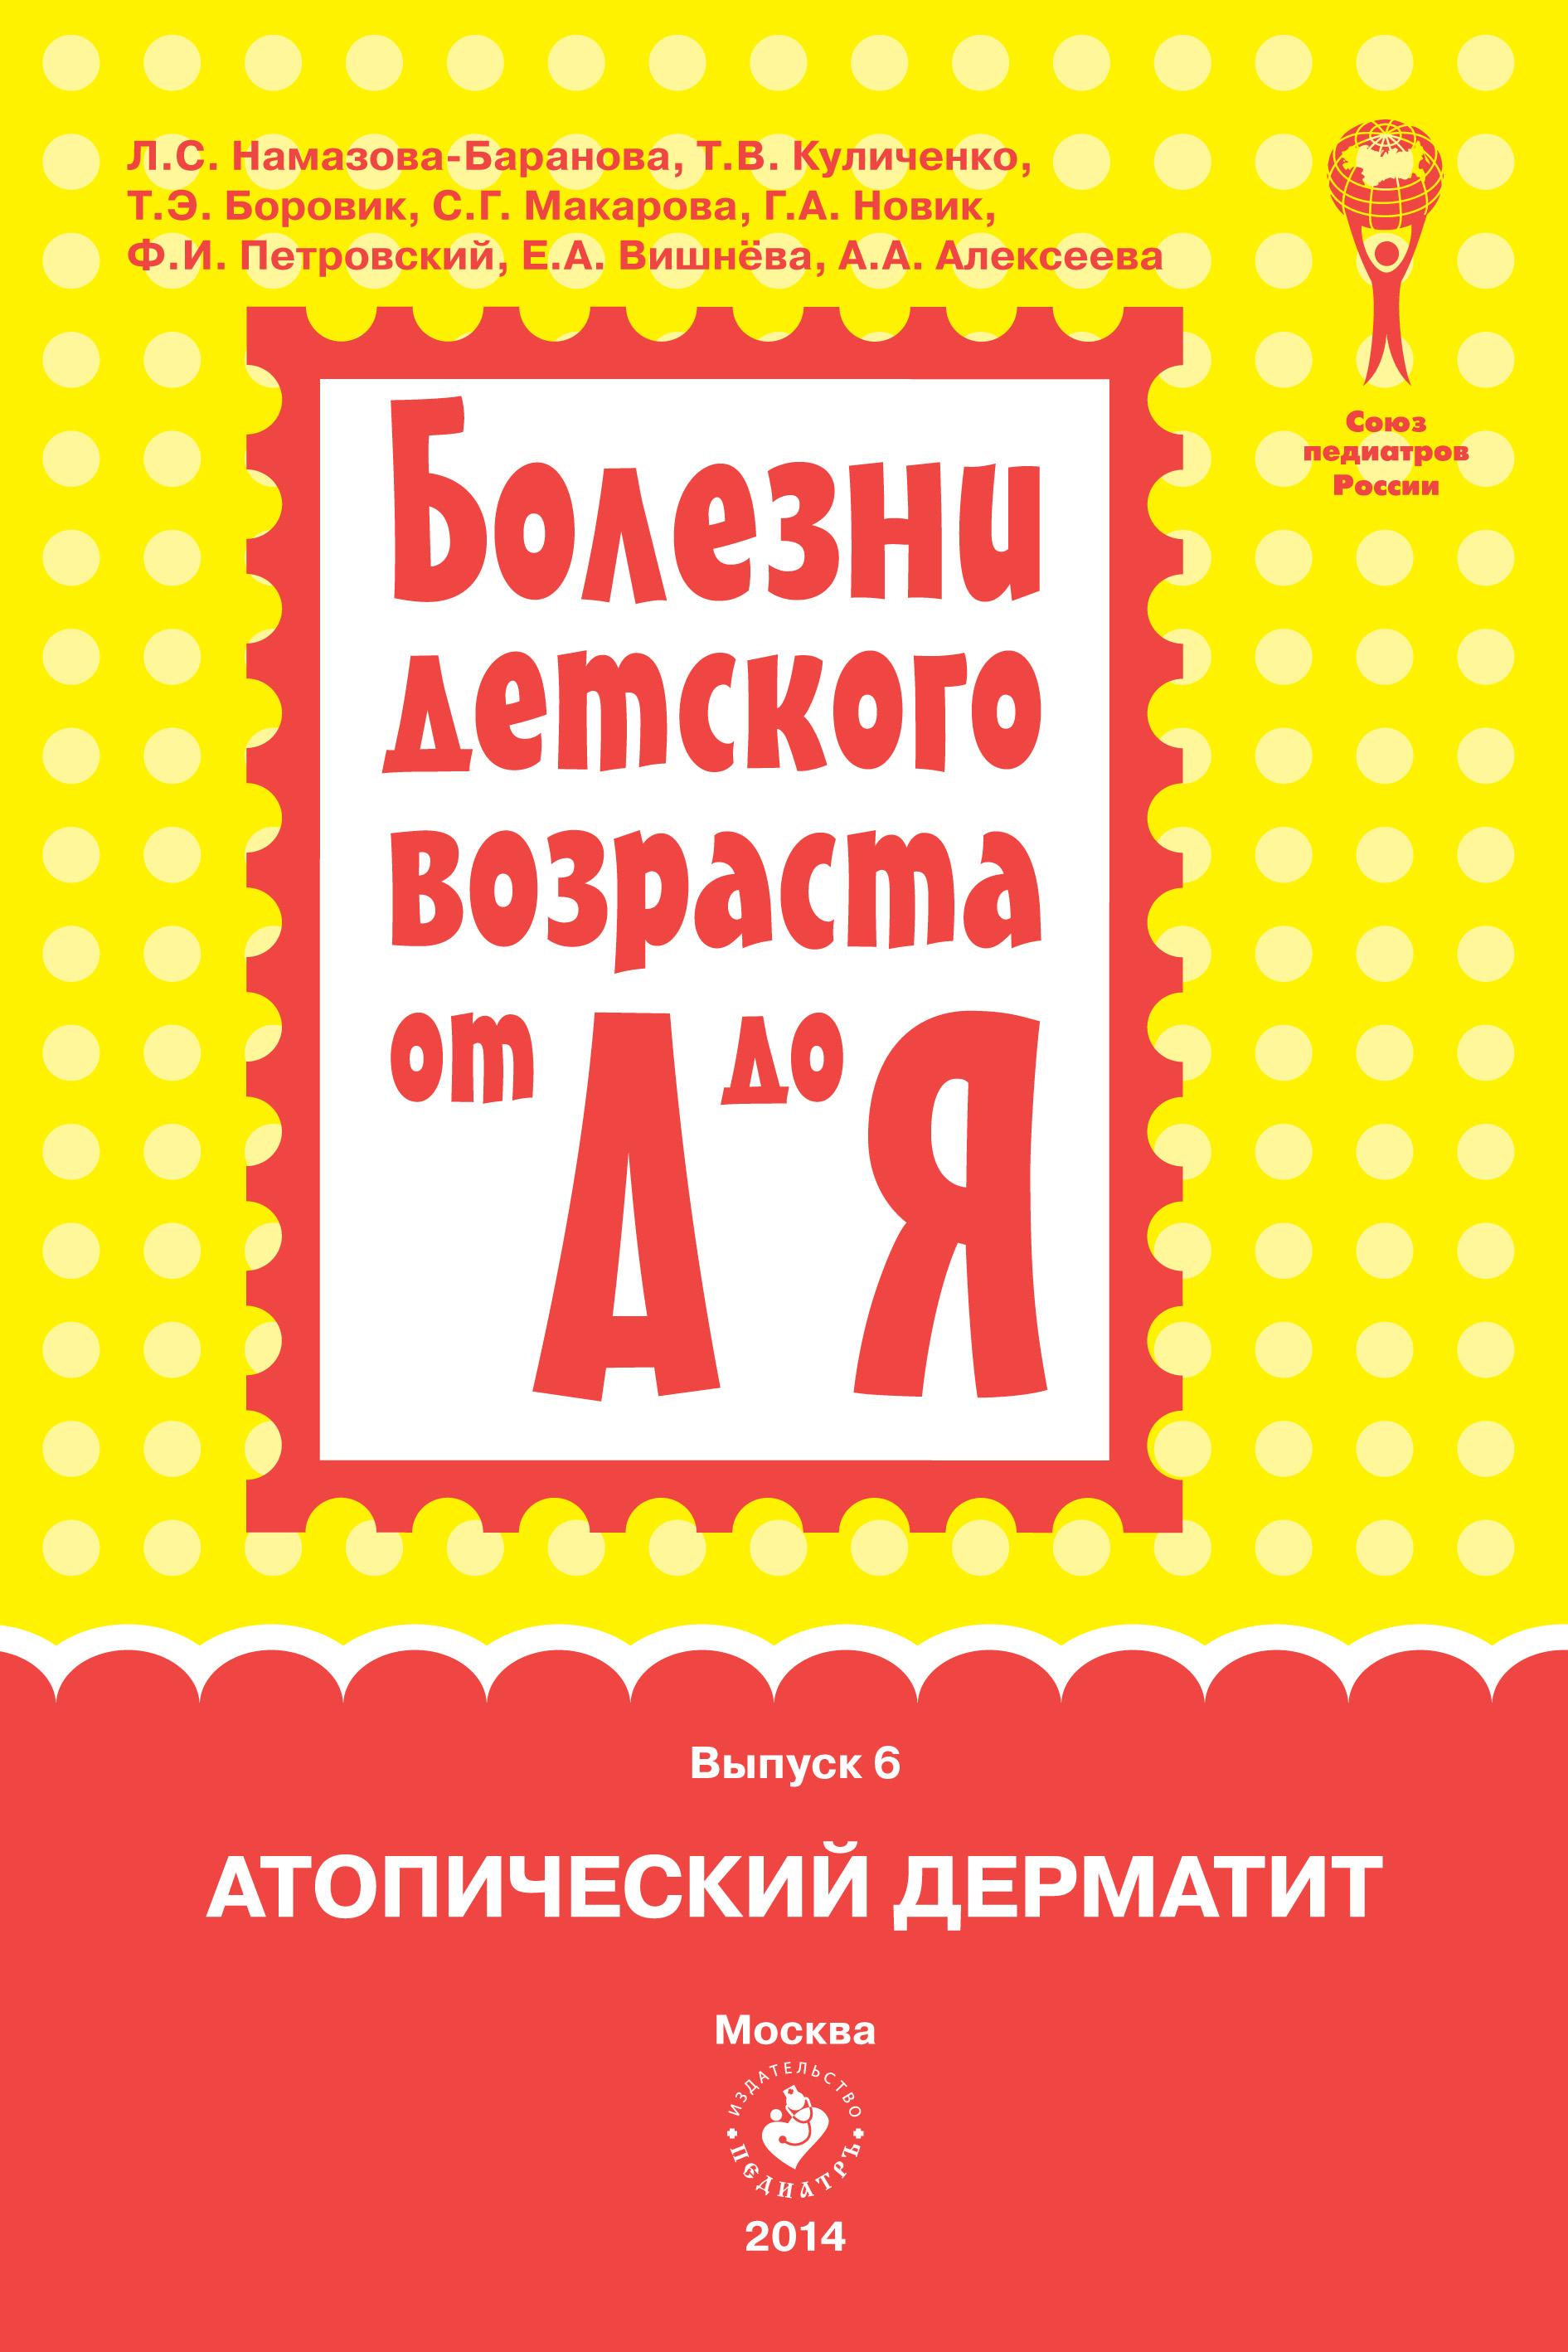 цена на Коллектив авторов Атопический дерматит